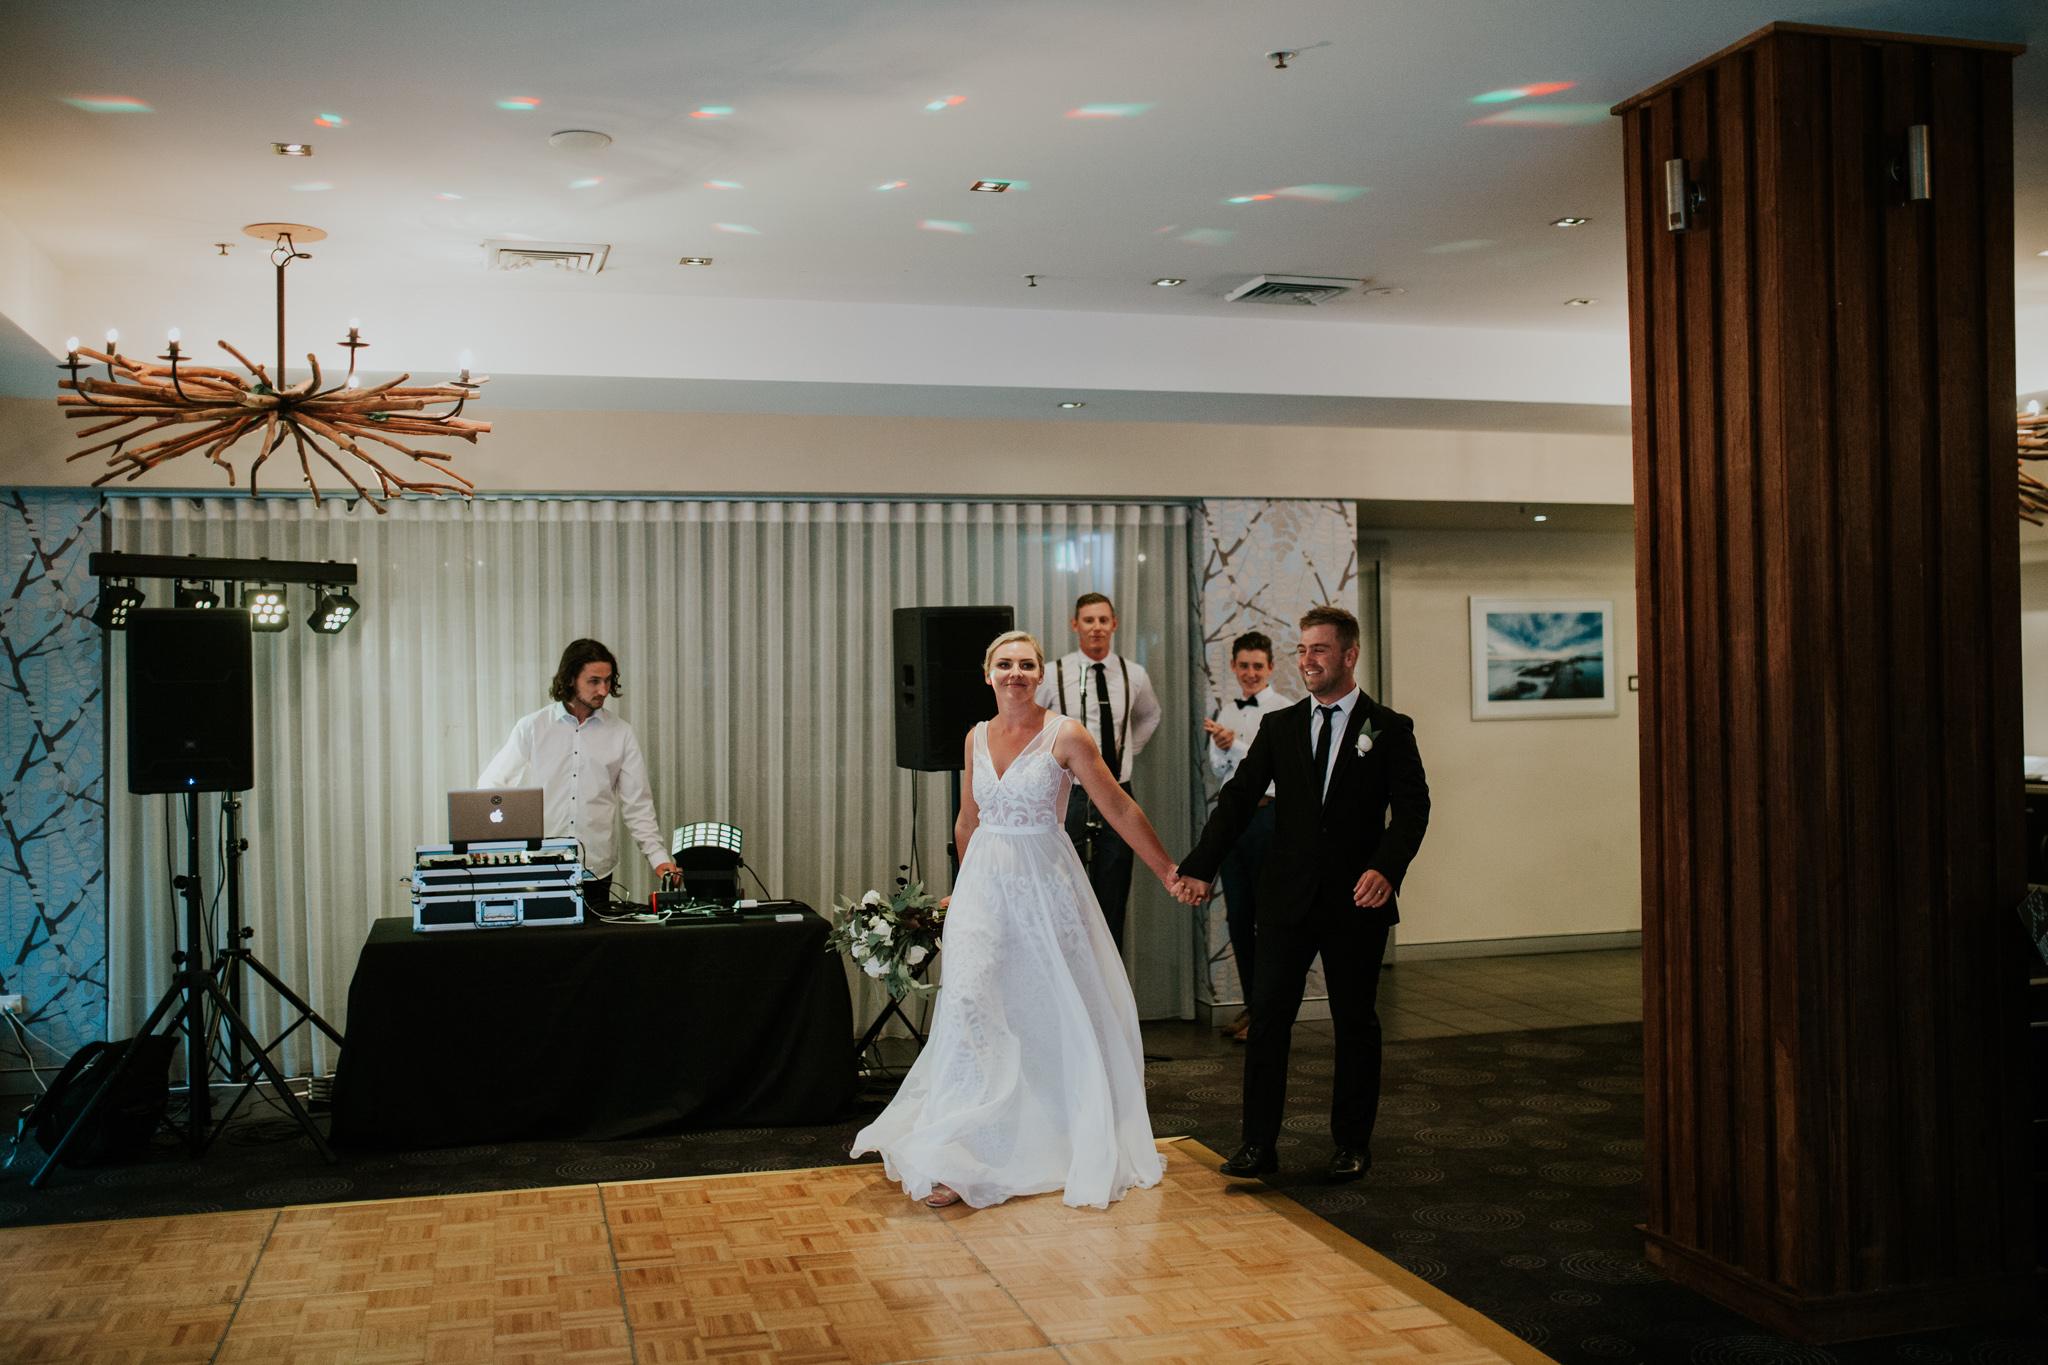 Lucy+Kyle+Kiama+Sebel+wedding-130.jpg